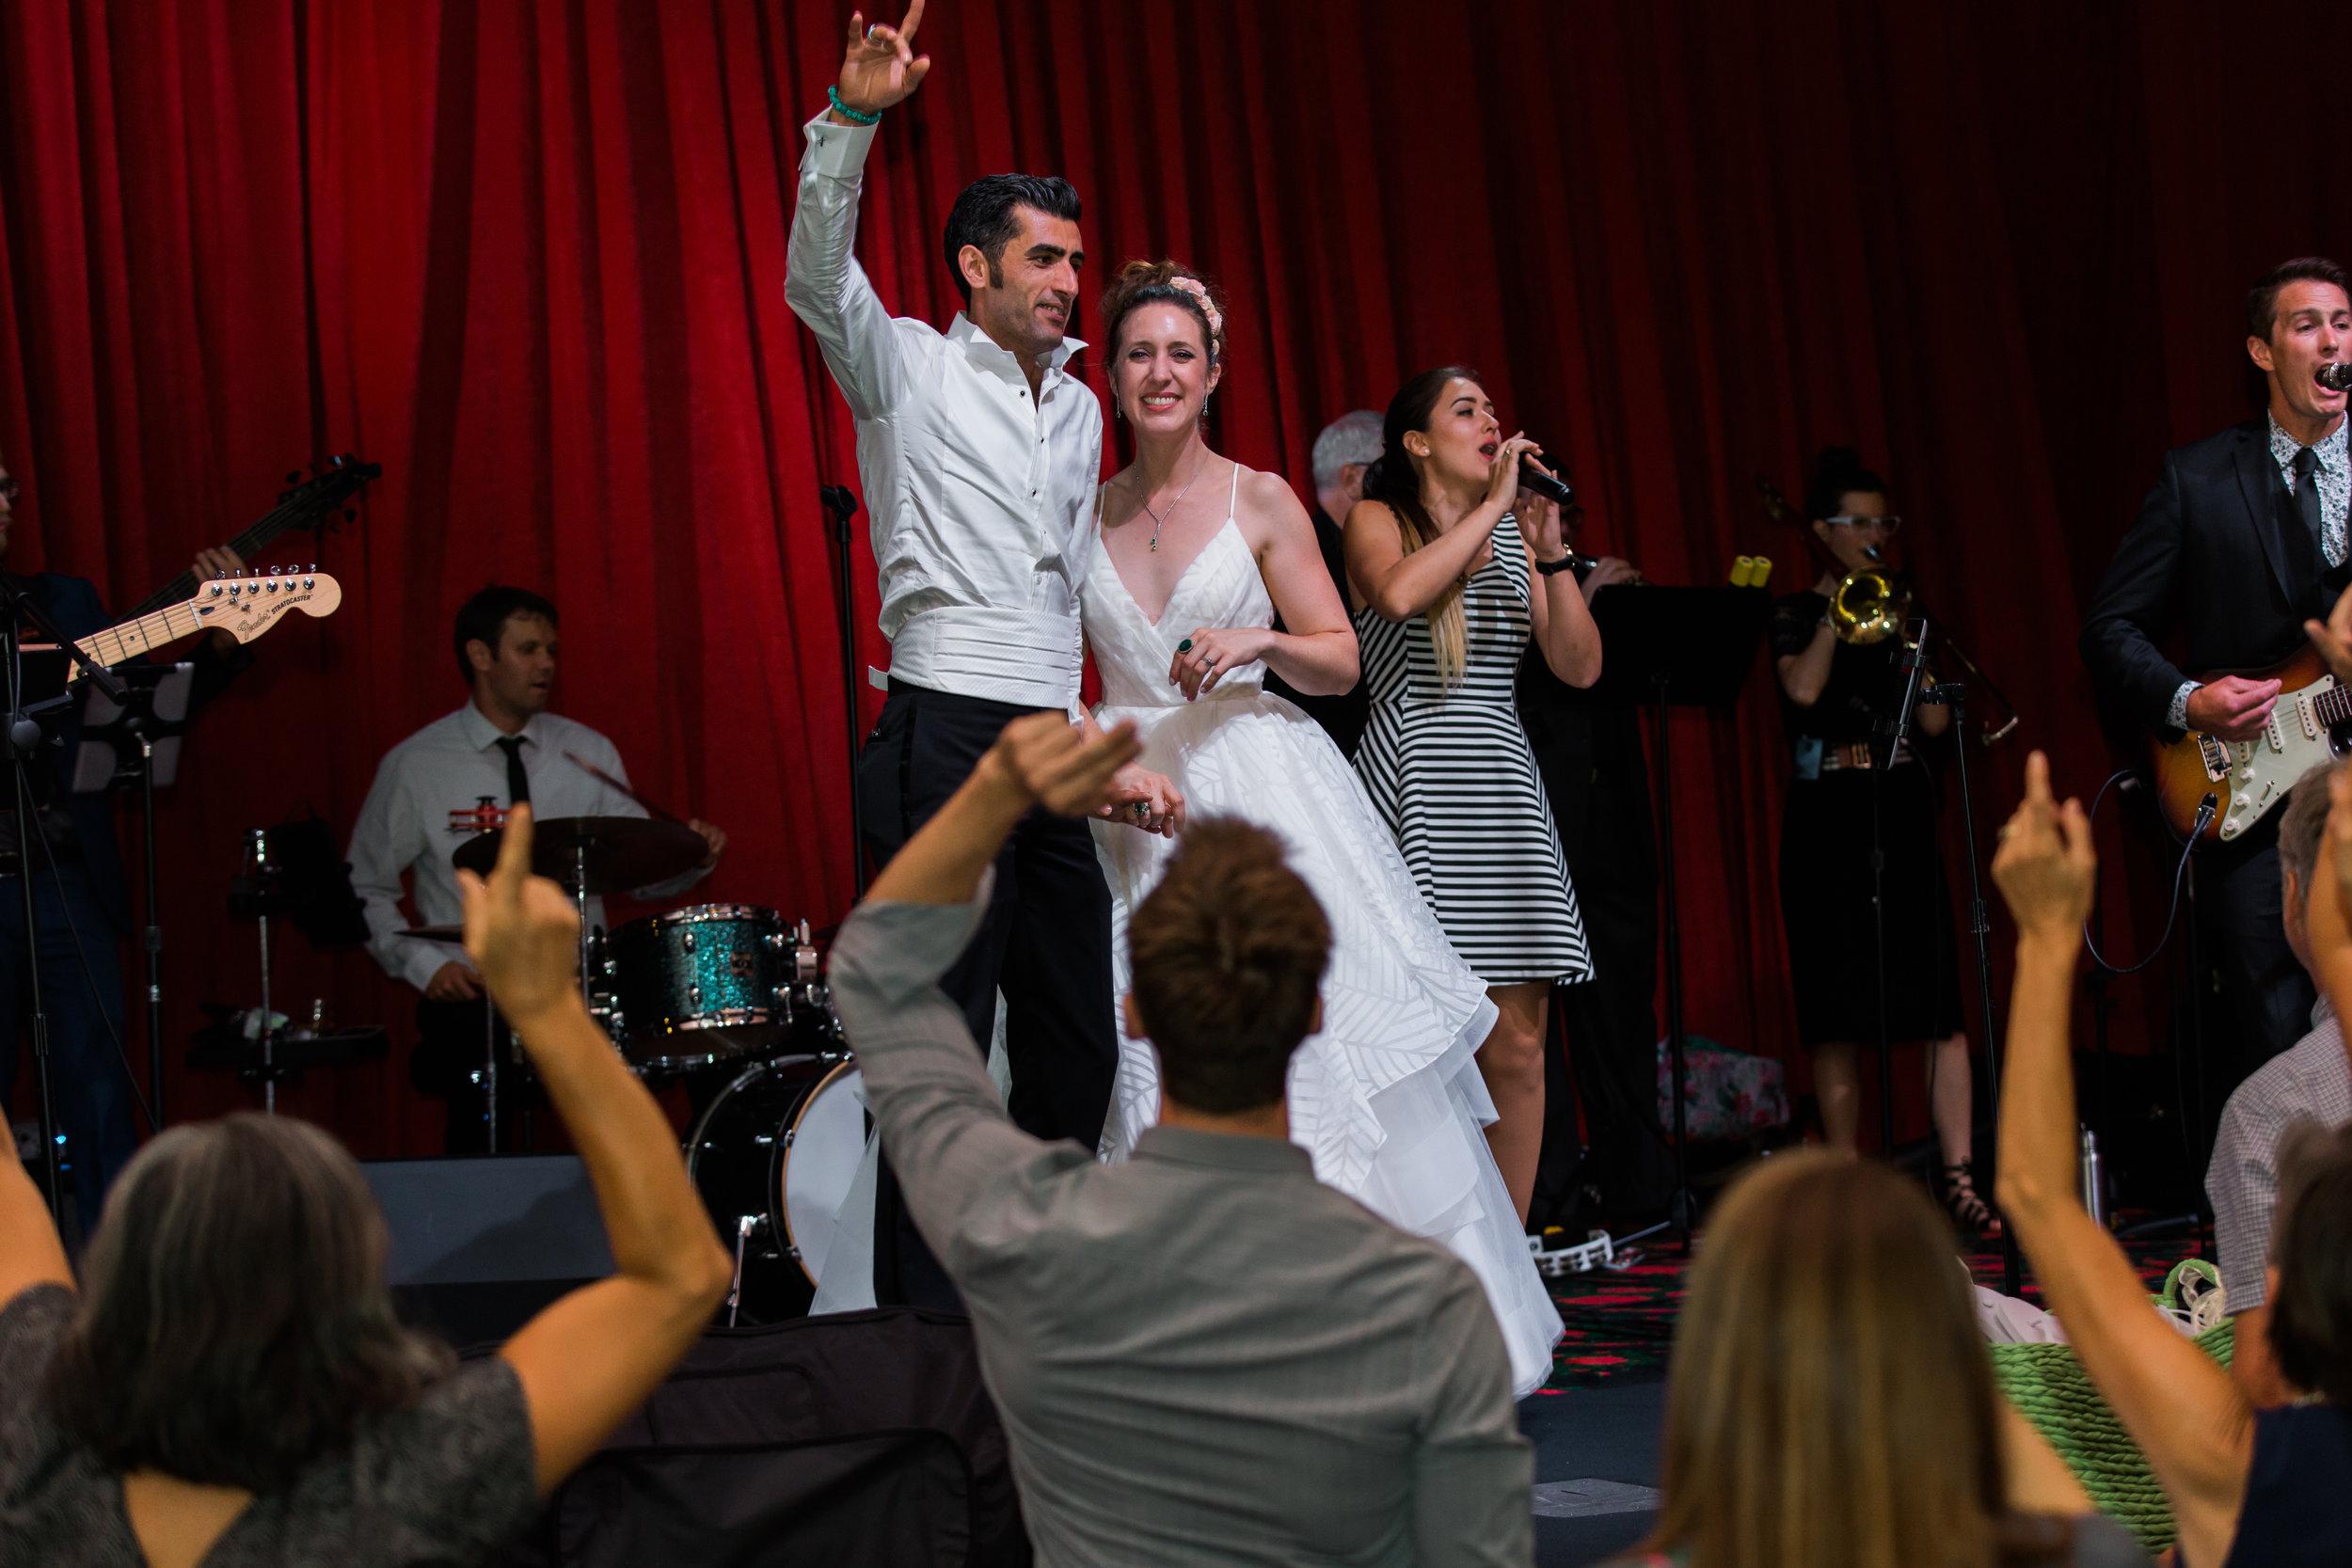 Wedding-919.jpg